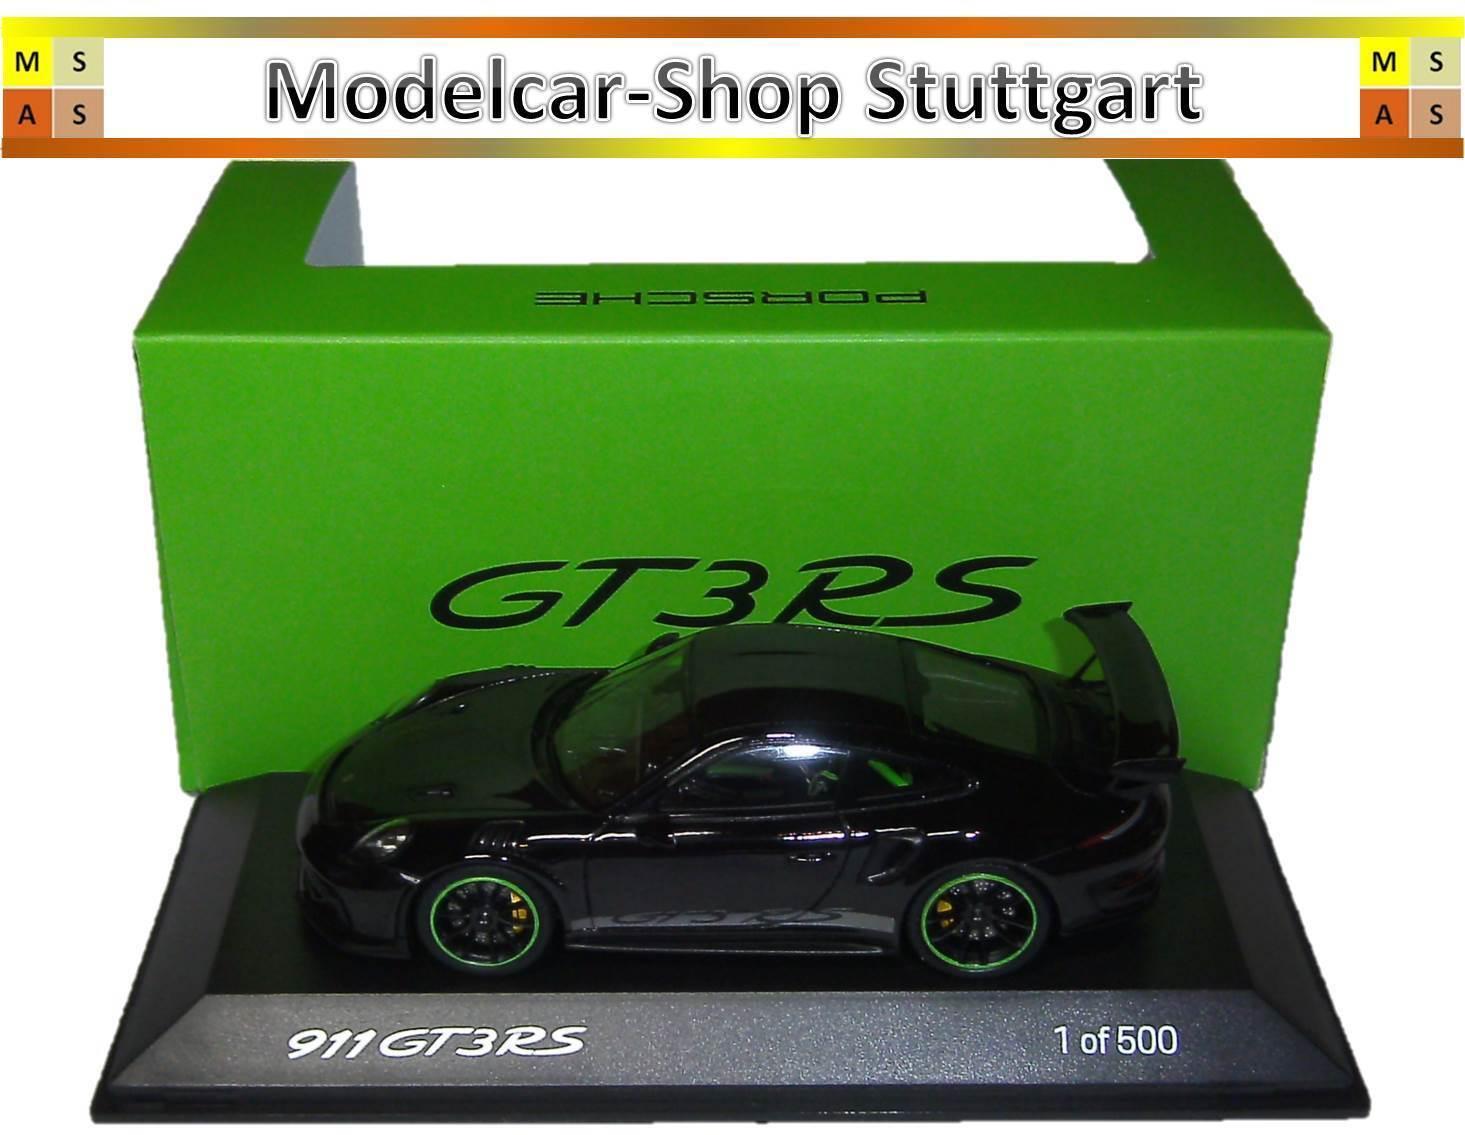 Porsche Porsche Porsche 911 GT3 Rs Noir Édition Limitée 500 Spark 1 43 - WAX02020083 Neuf 0bd997